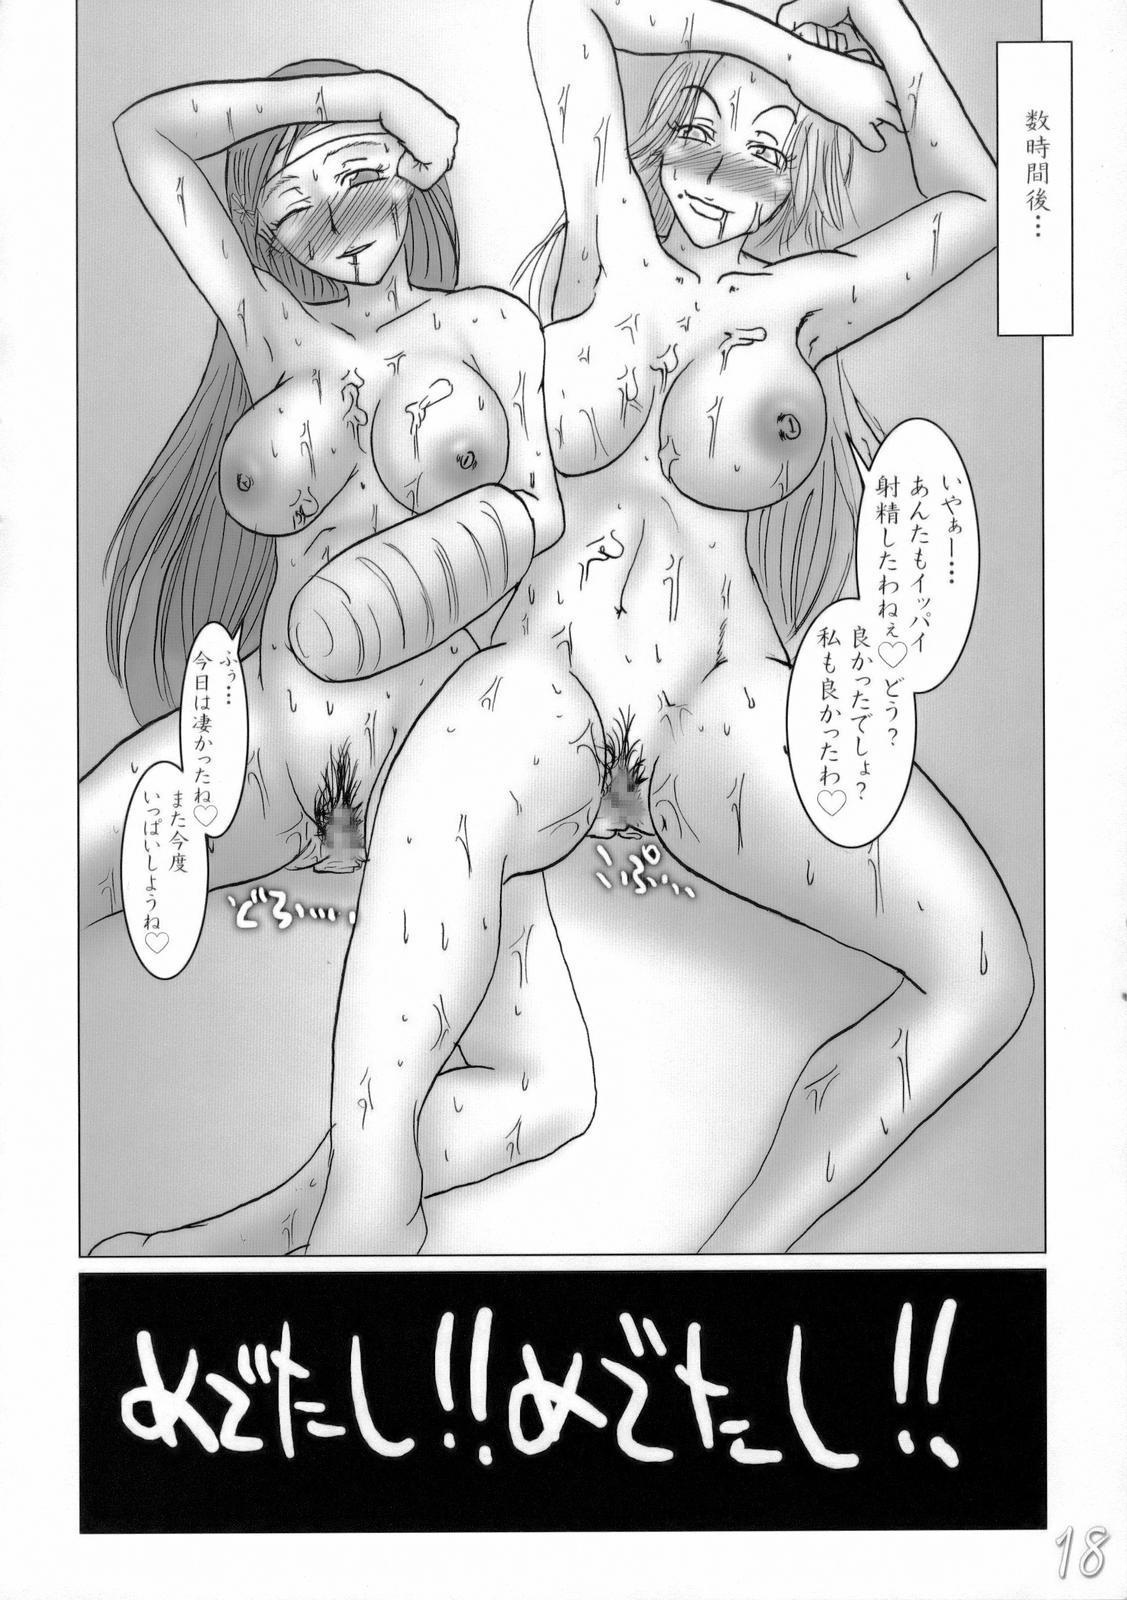 (CT7) [HIGHWAY-SENMU (Maban, Saikoubi)] H-Sen 9 - Erotical Miyasato Bros. (Bleach) 16